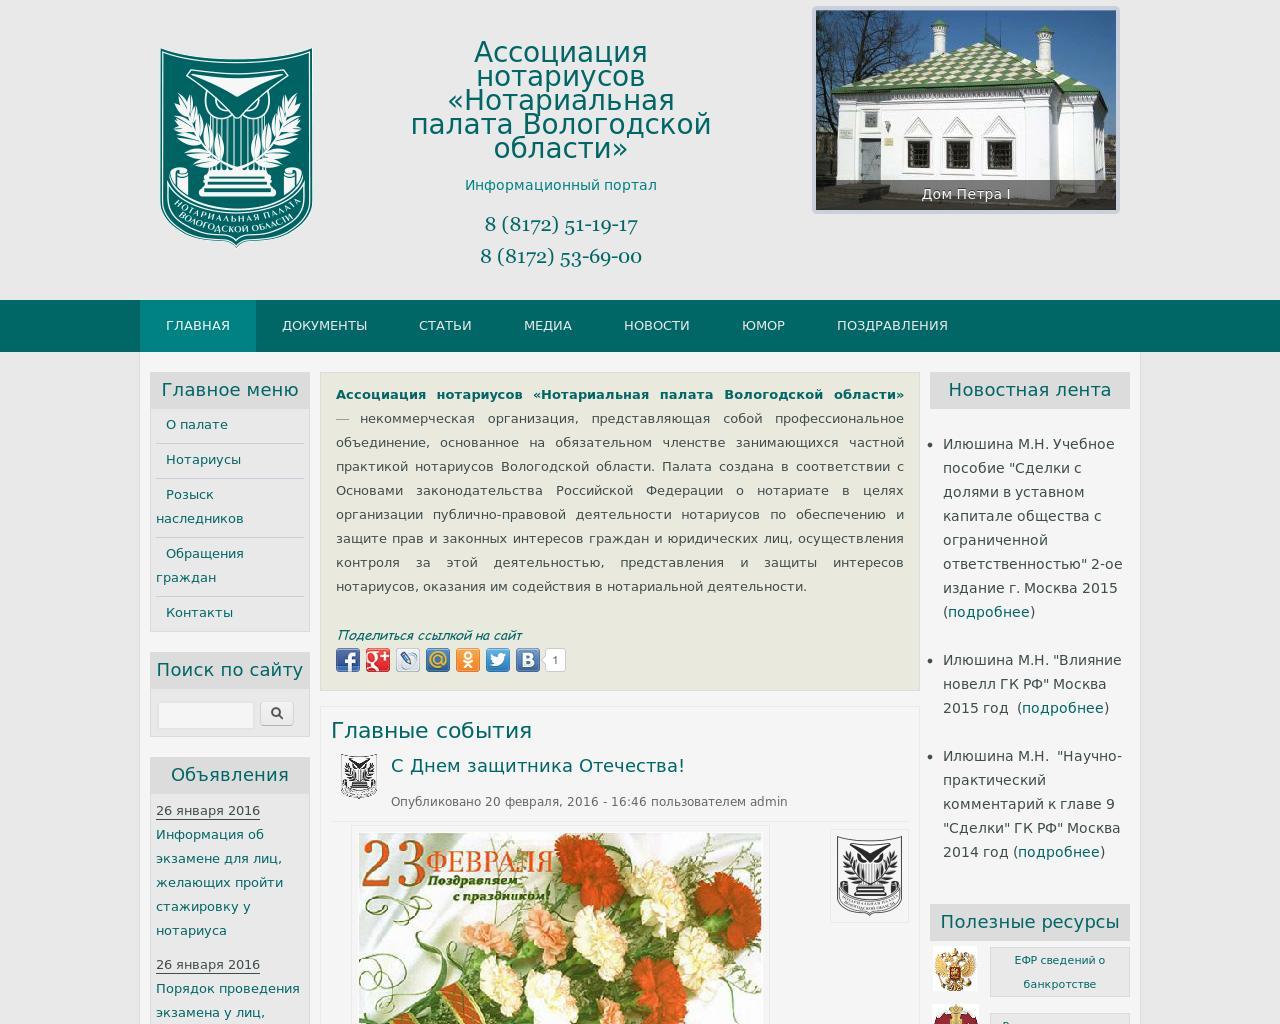 notarius-zanimayushiysya-chastnoy-praktikoy-chlenom-notarialnoy-palati